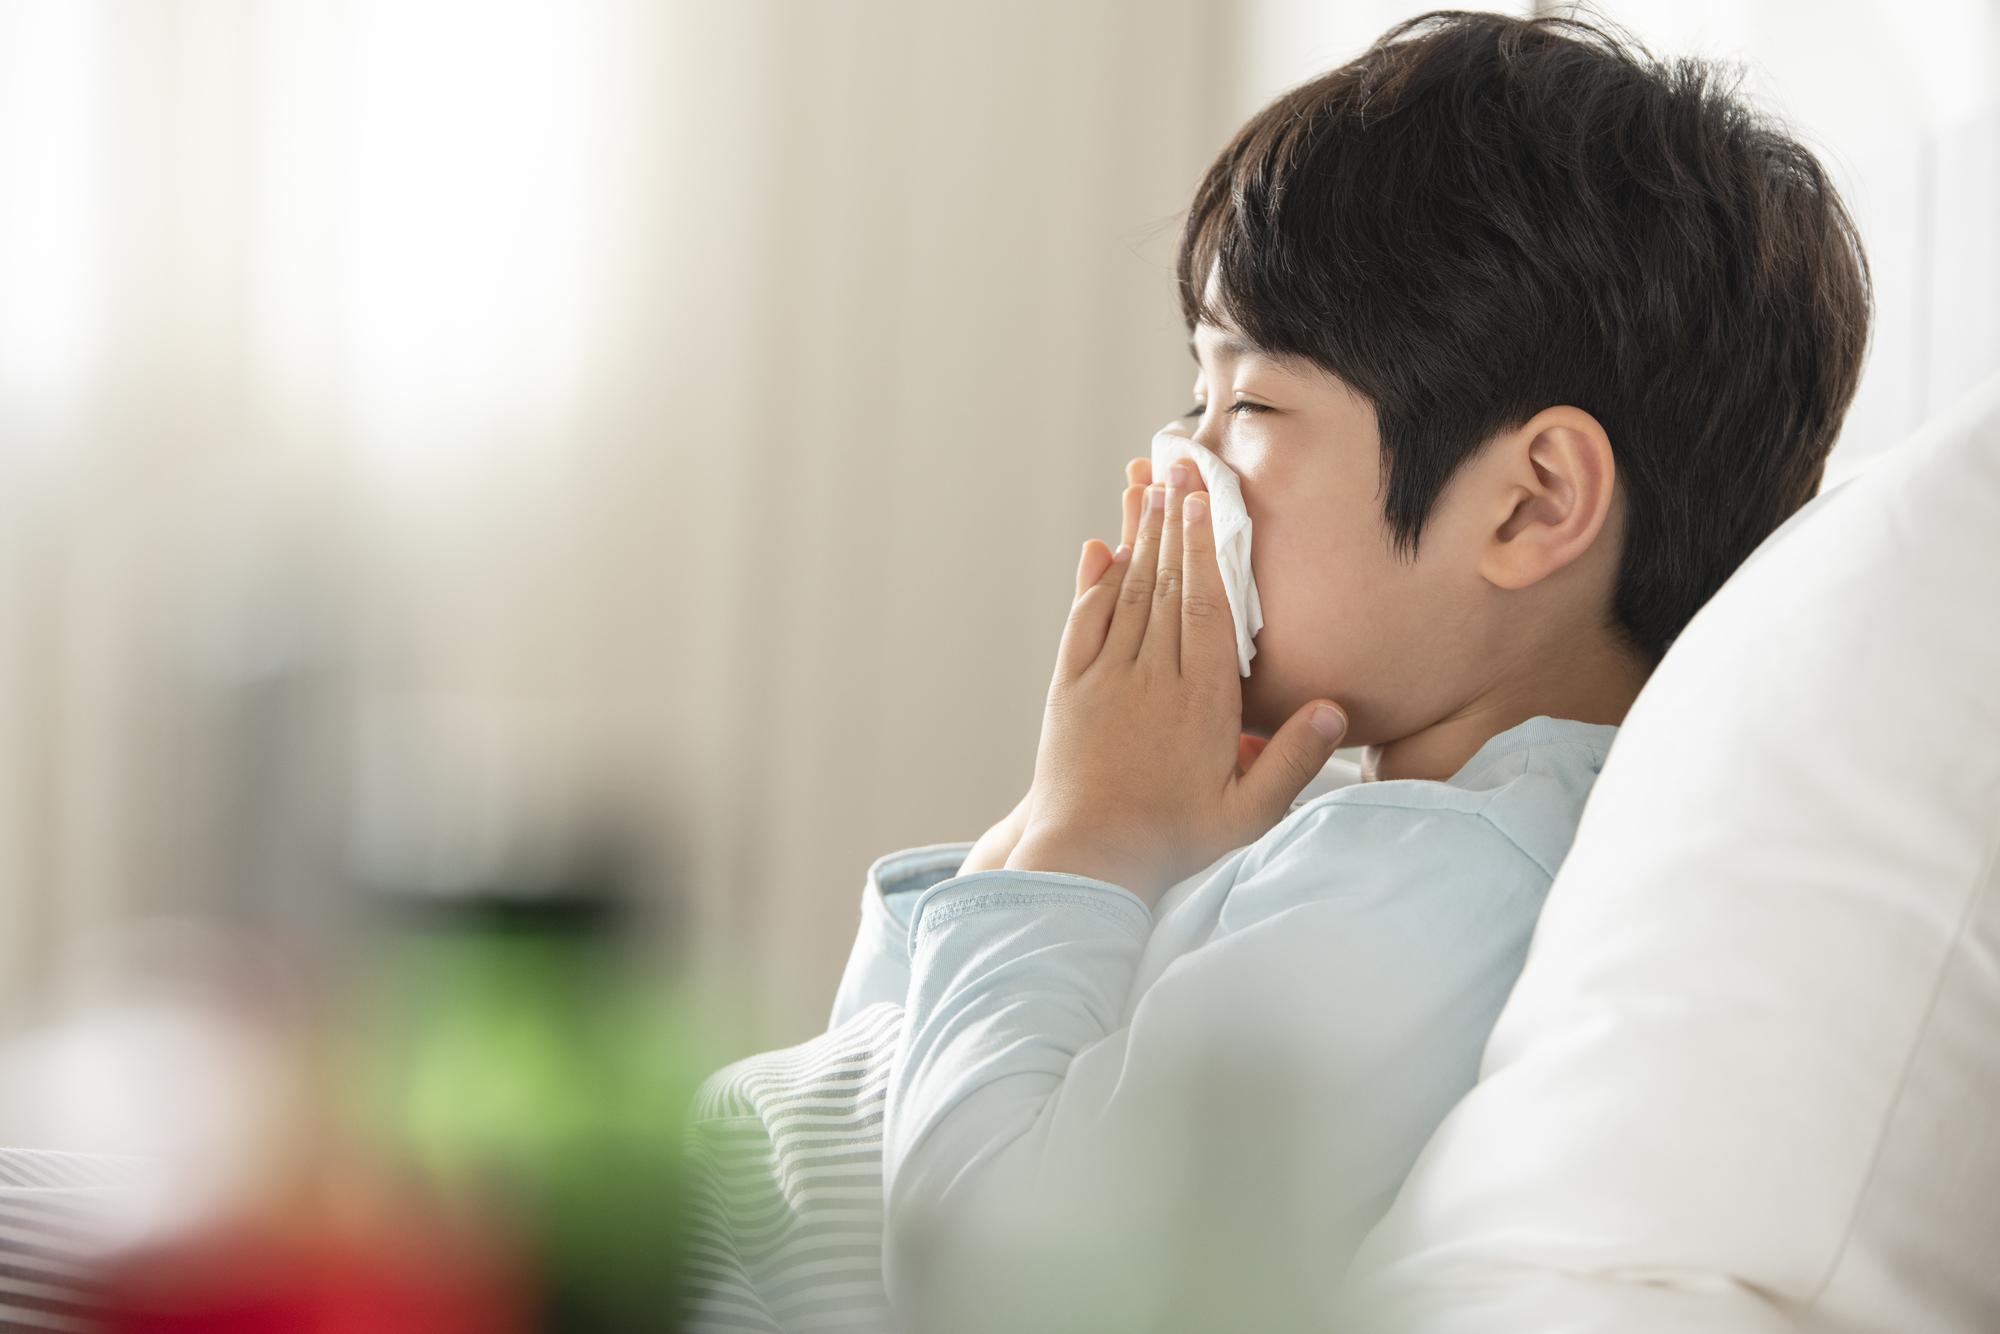 なぜ?一日中、子どもの咳が止まらない原因。病気?病院いくべき?